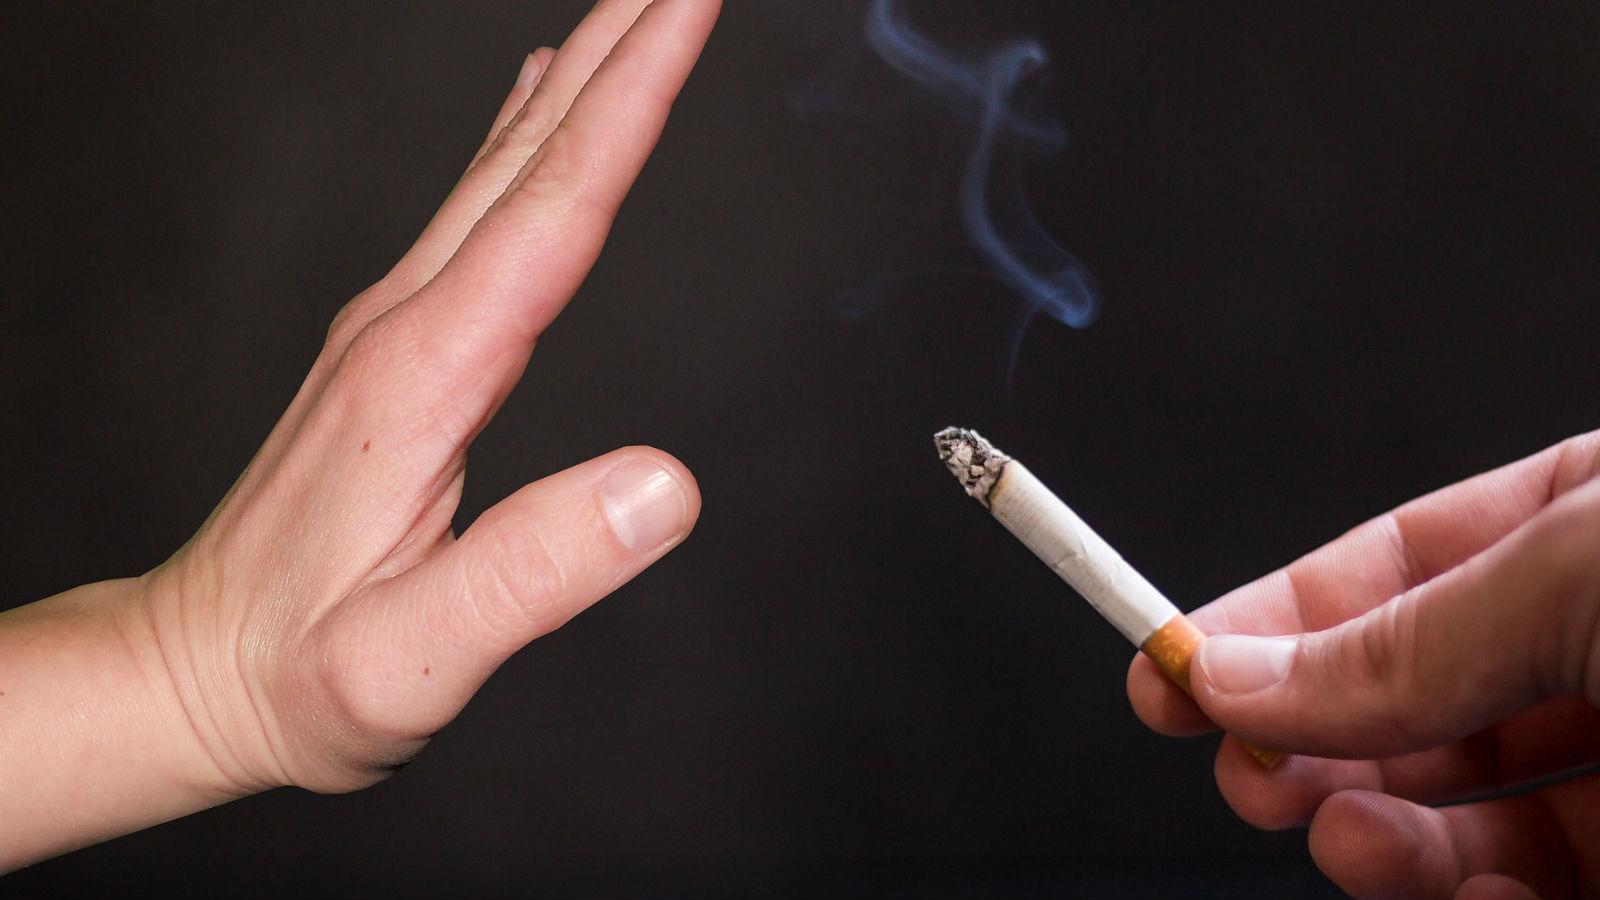 Resolución de año nuevo: ¡Dejar de fumar!